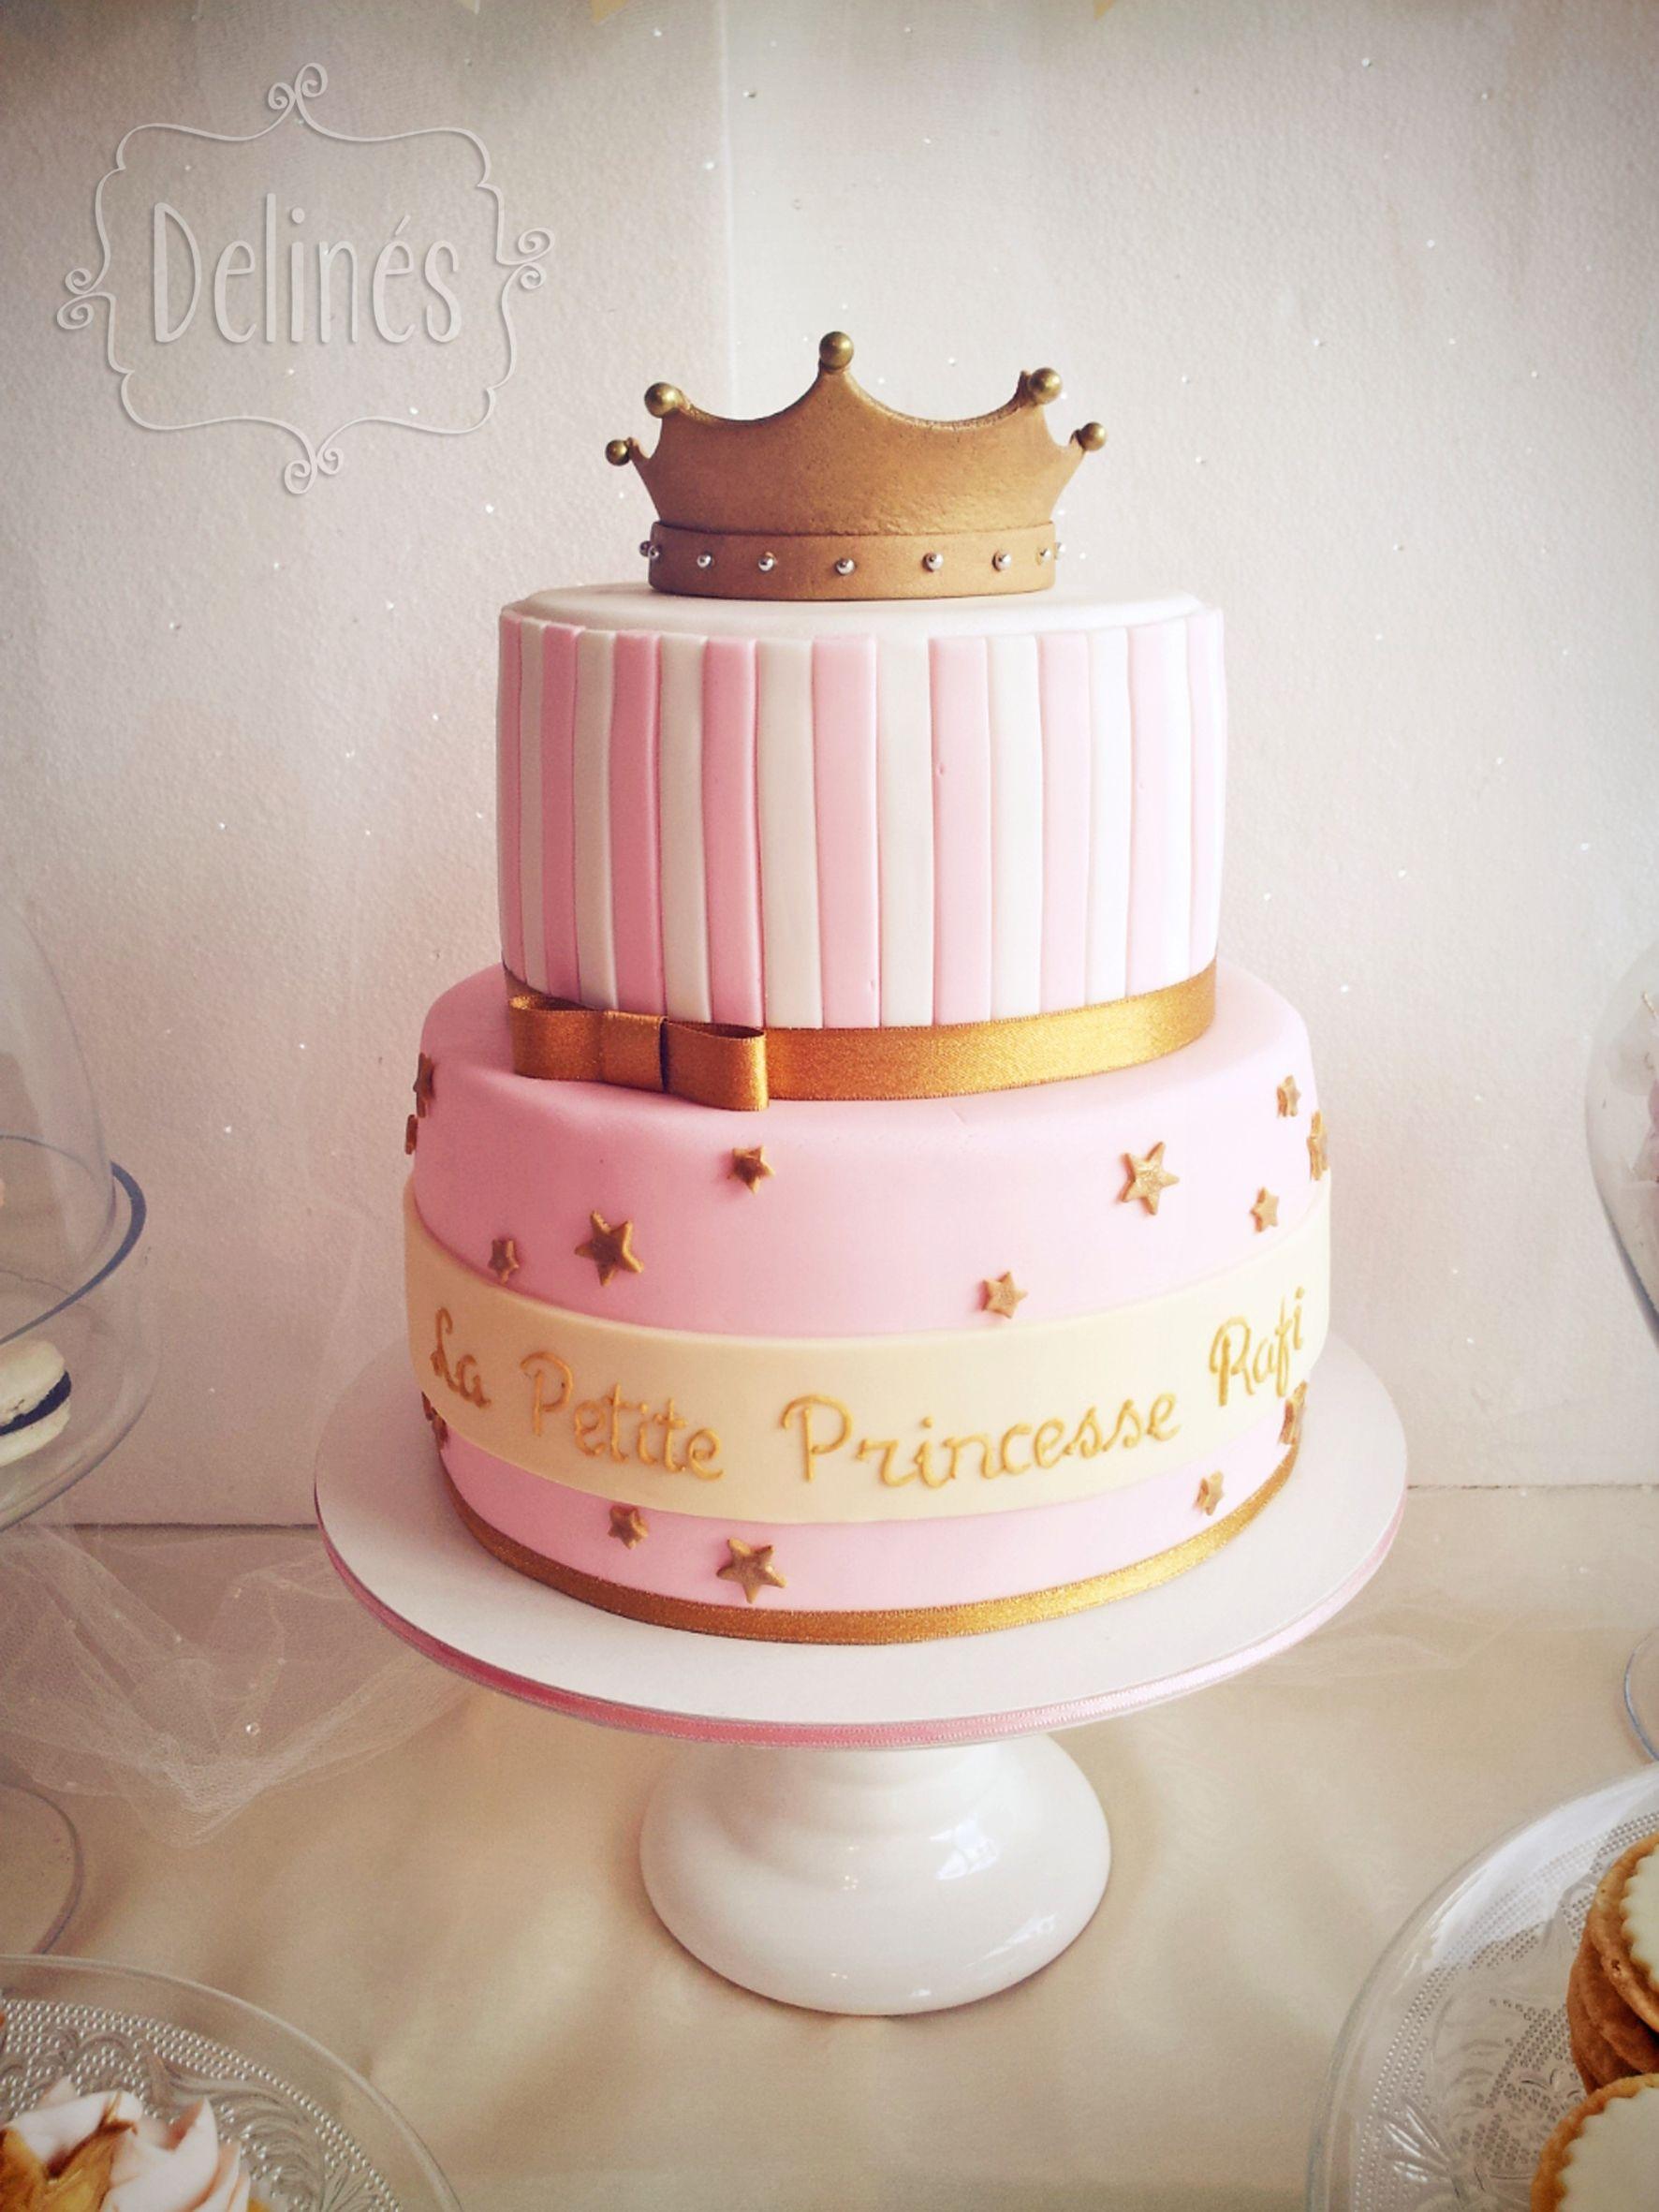 Decoracion de tortas con crema para bautismo buscar con for Decoracion de tortas sencillas